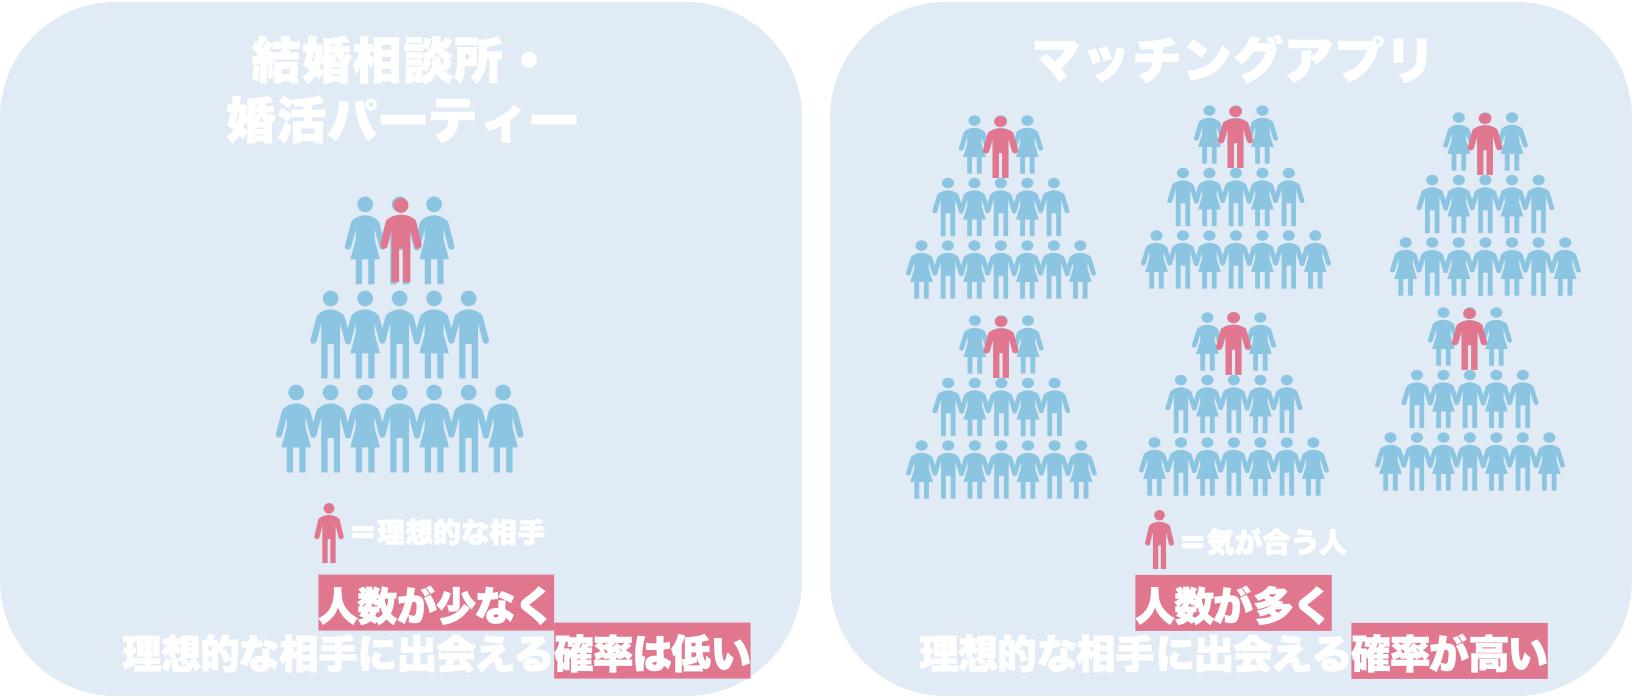 マッチングアプリと結婚相談所・婚活パーティーの会員数比較